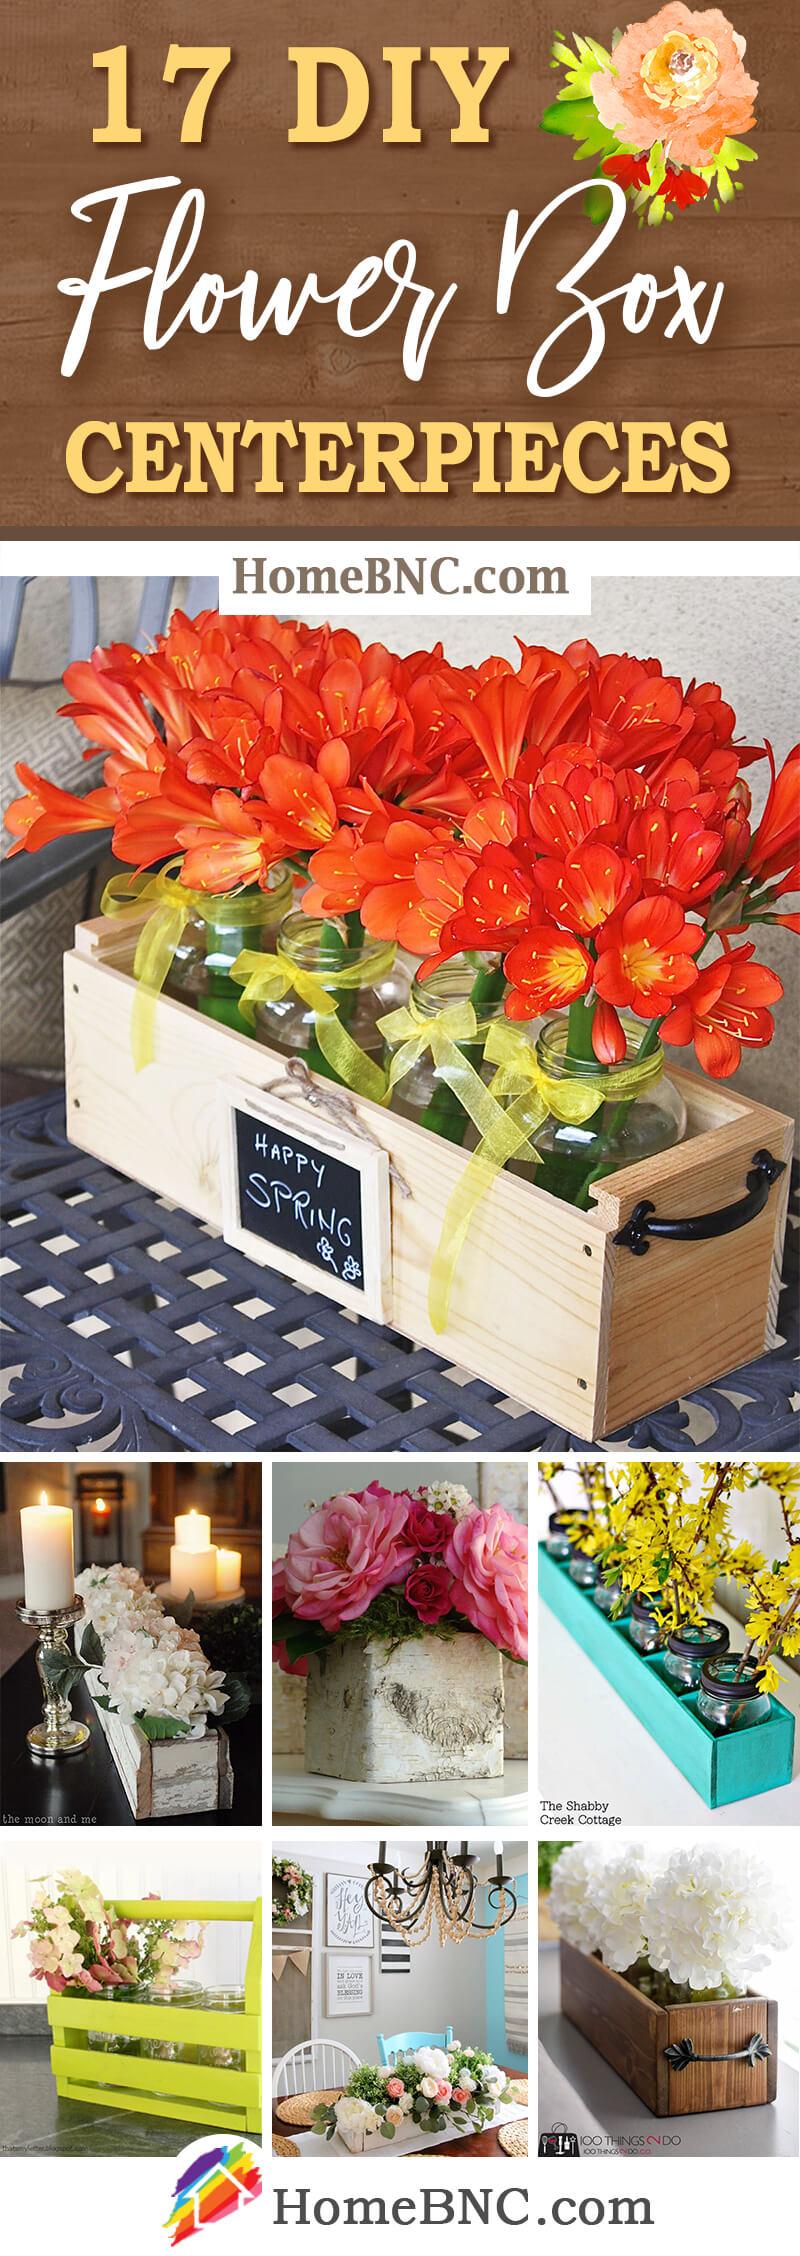 DIY Flowerbox Centerpiece Ideas